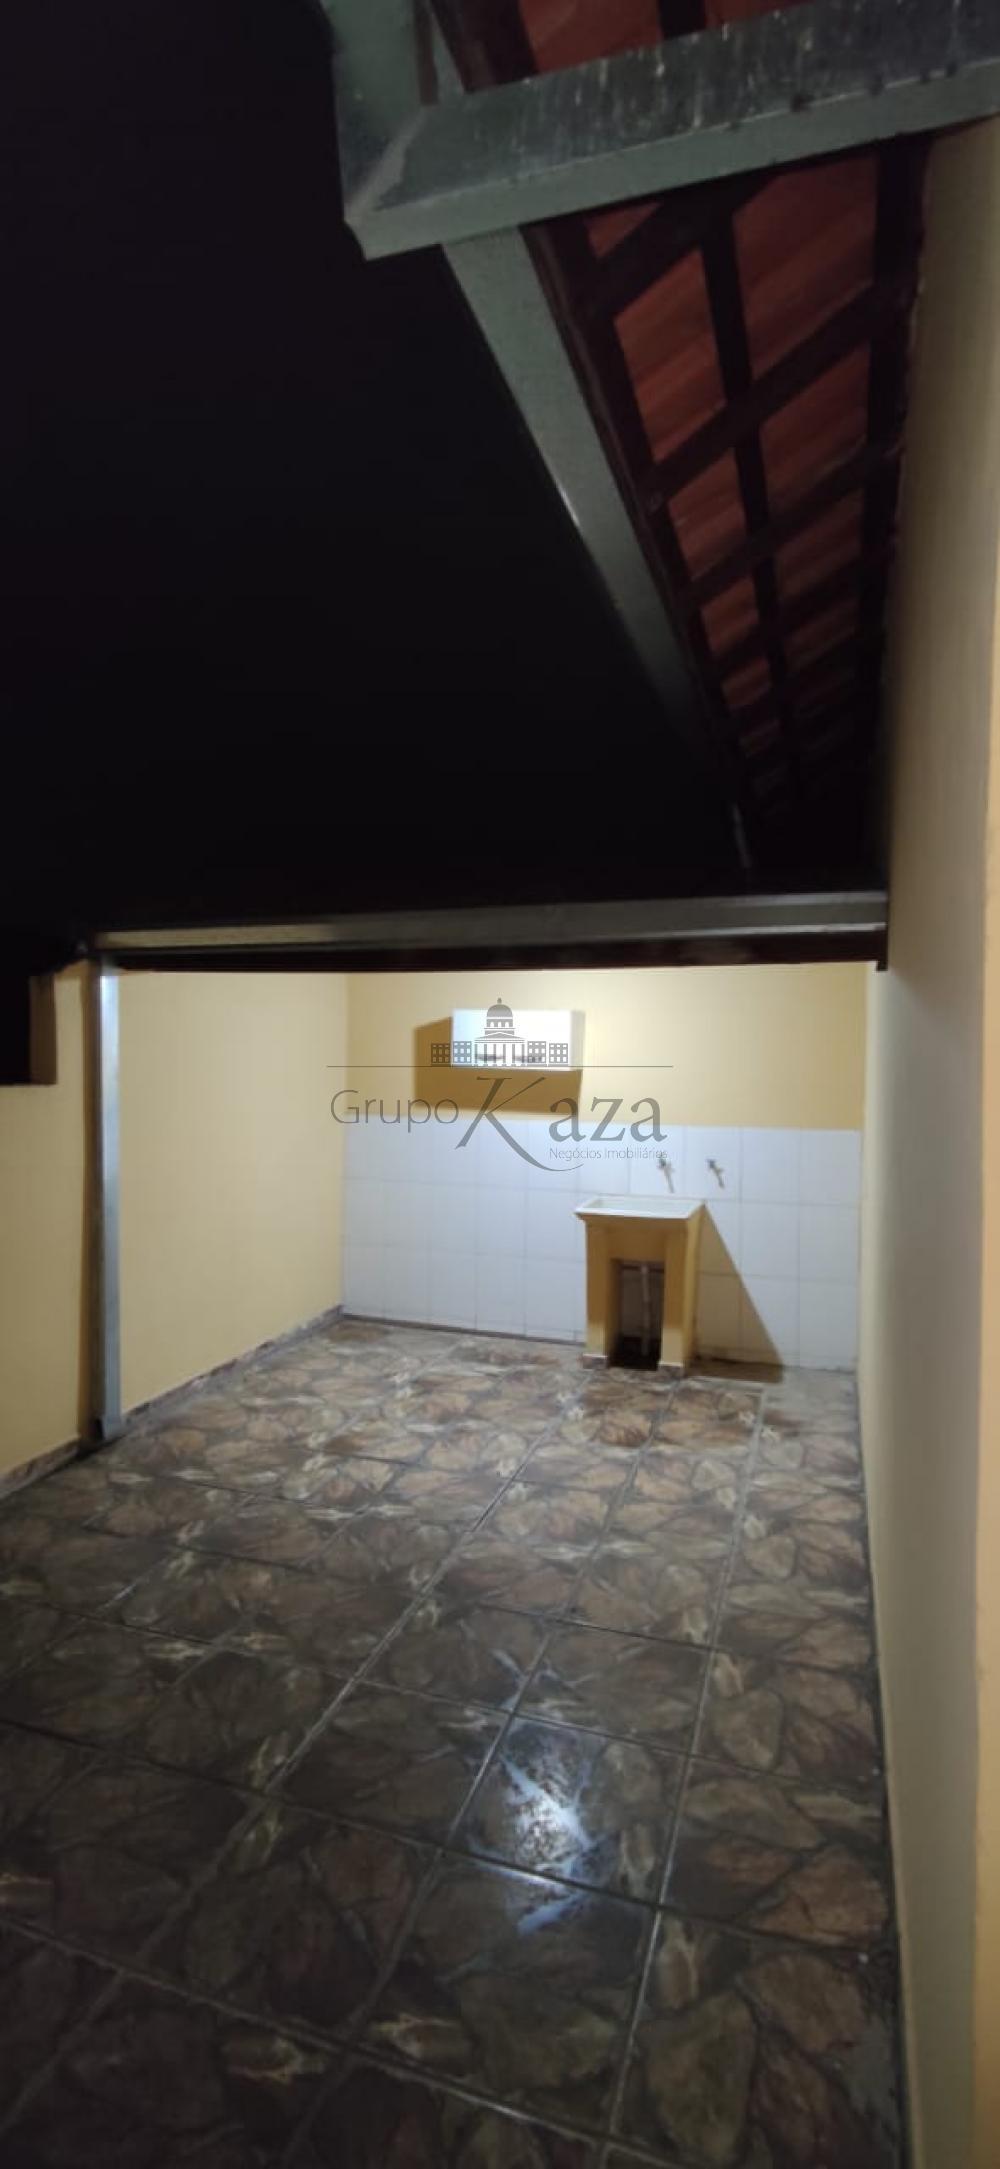 alt='Comprar Casa / Sobrado em São José dos Campos R$ 430.000,00 - Foto 23' title='Comprar Casa / Sobrado em São José dos Campos R$ 430.000,00 - Foto 23'